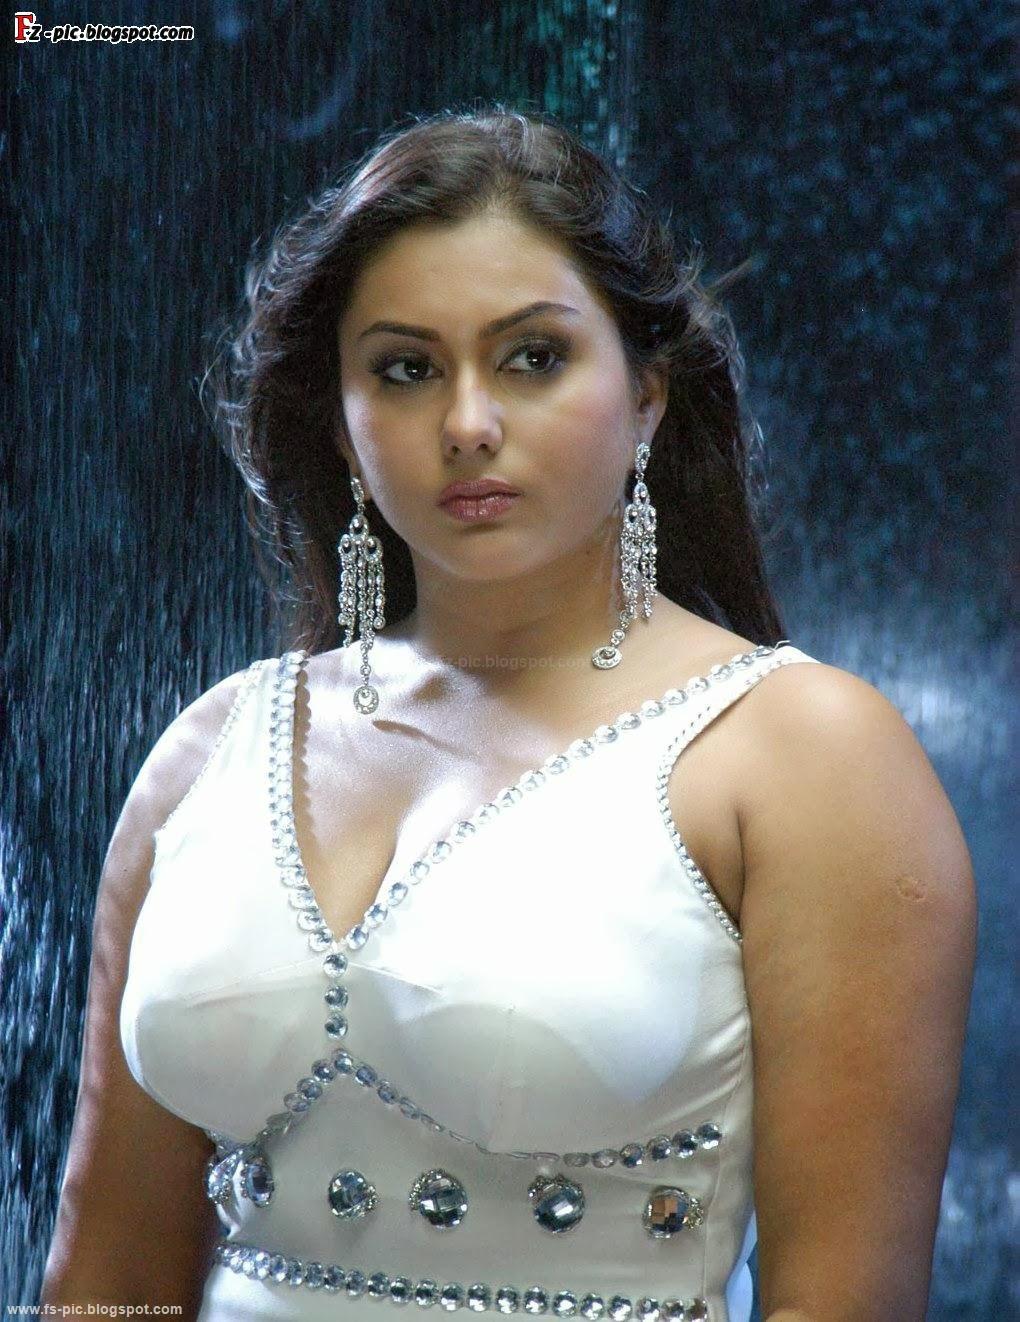 South Indian Actress Namitha: South indian actress Namitha